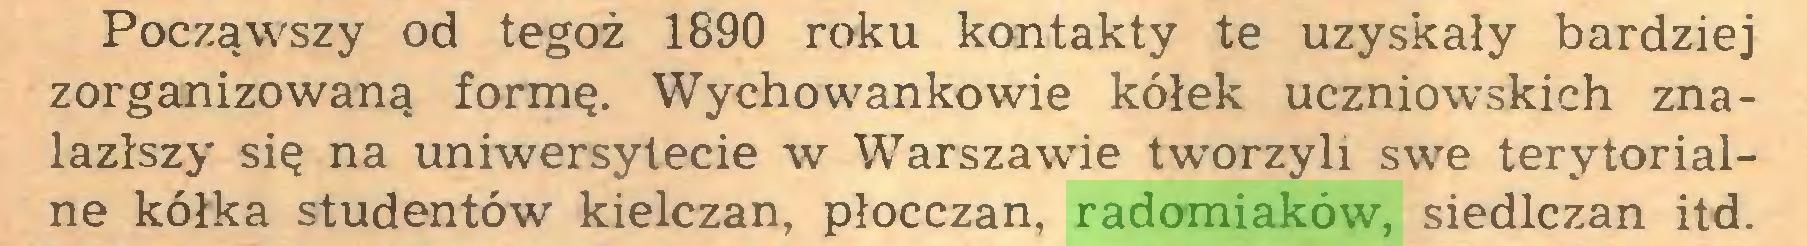 (...) Począwszy od tegoż 1890 roku kontakty te uzyskały bardziej zorganizowaną formę. Wychowankowie kółek uczniowskich znalazłszy się na uniwersytecie w Warszawie tworzyli swe terytorialne kółka studentów kielczan, płocczan, radomiaków, siedlczan itd...